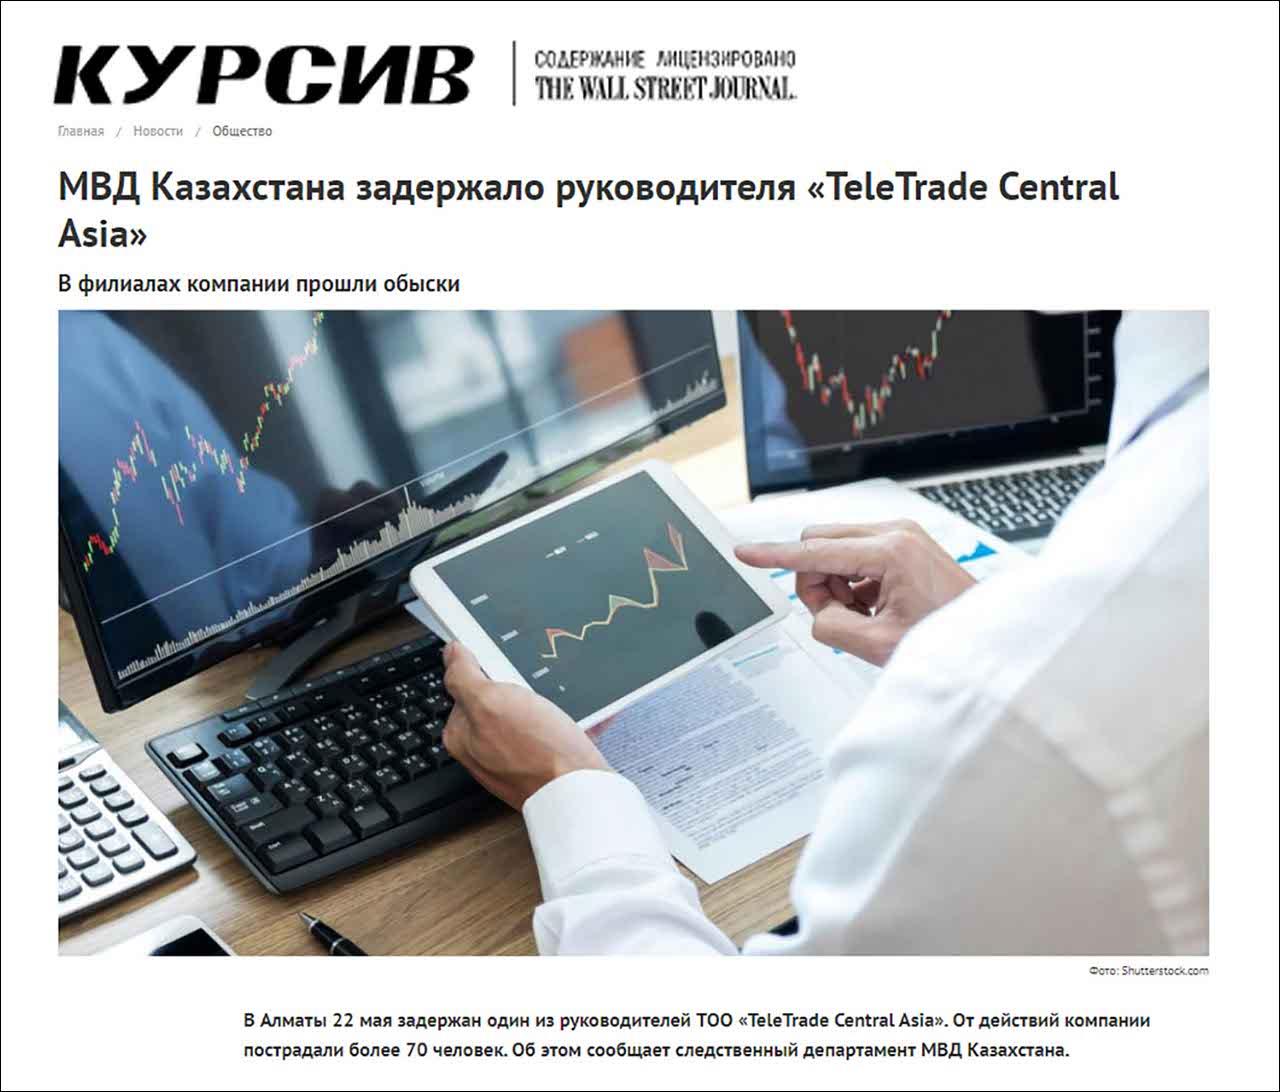 статьи об уголовных делах на Телетрейд и дочерние фирмы в сми Казахстана